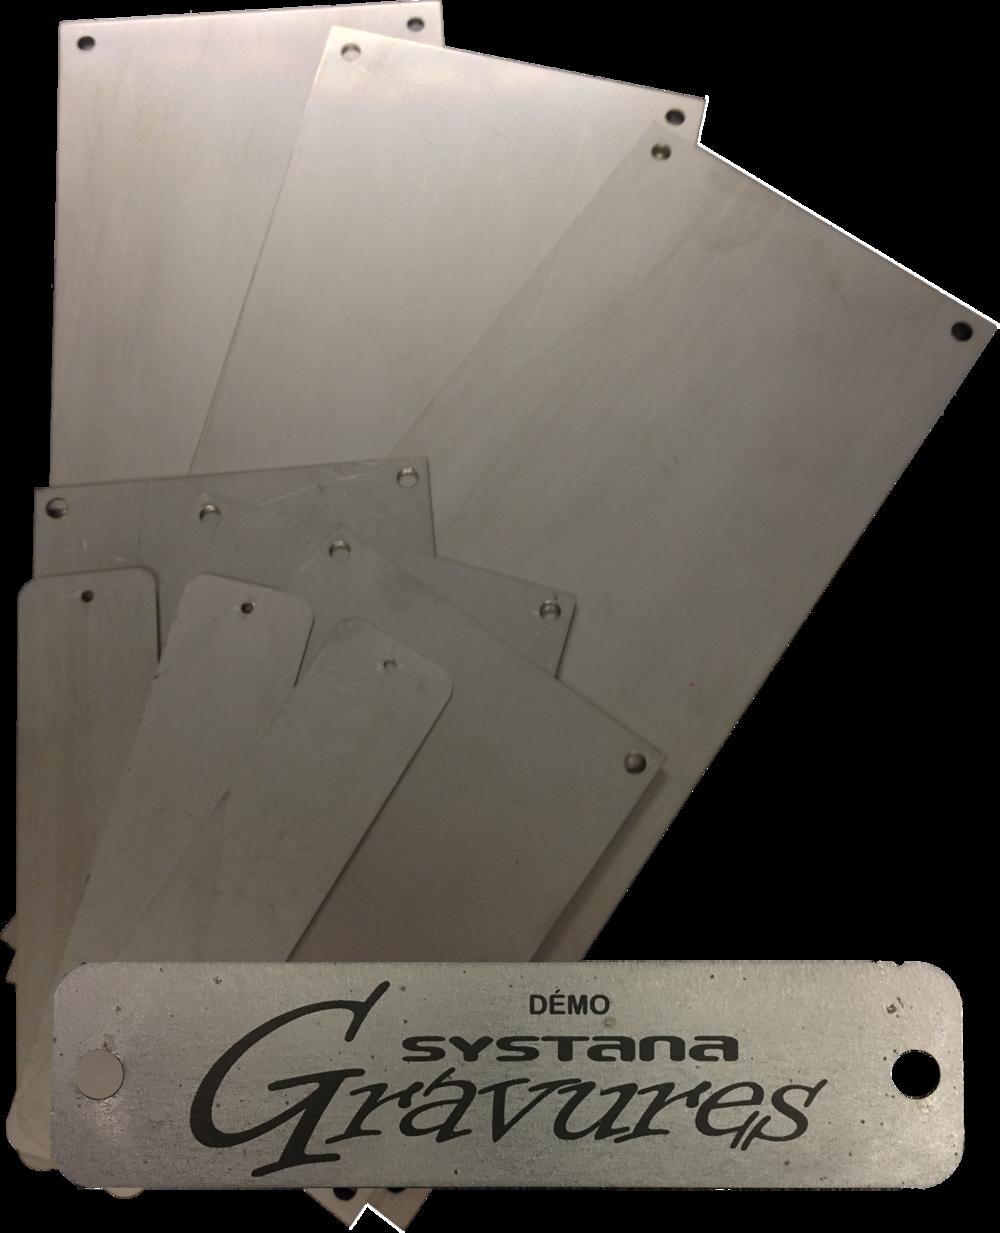 Plaques de metal avec exemple de marquage laser